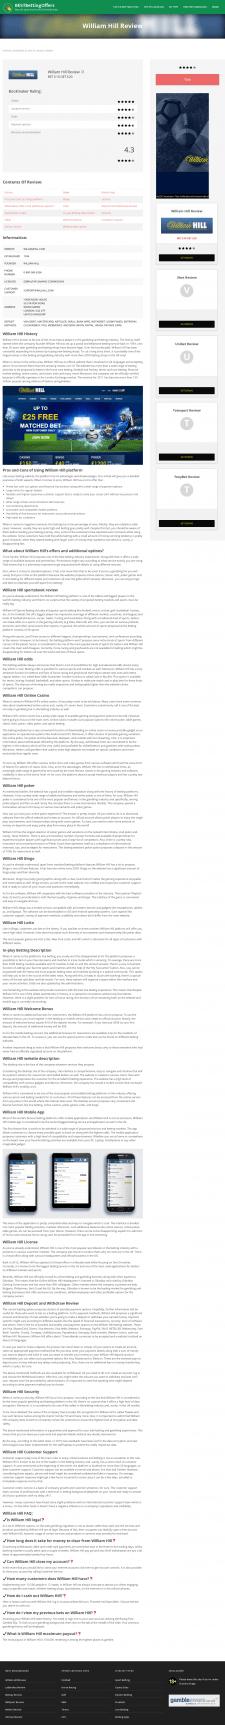 Обзор лучших Betting платформ для рынка UK